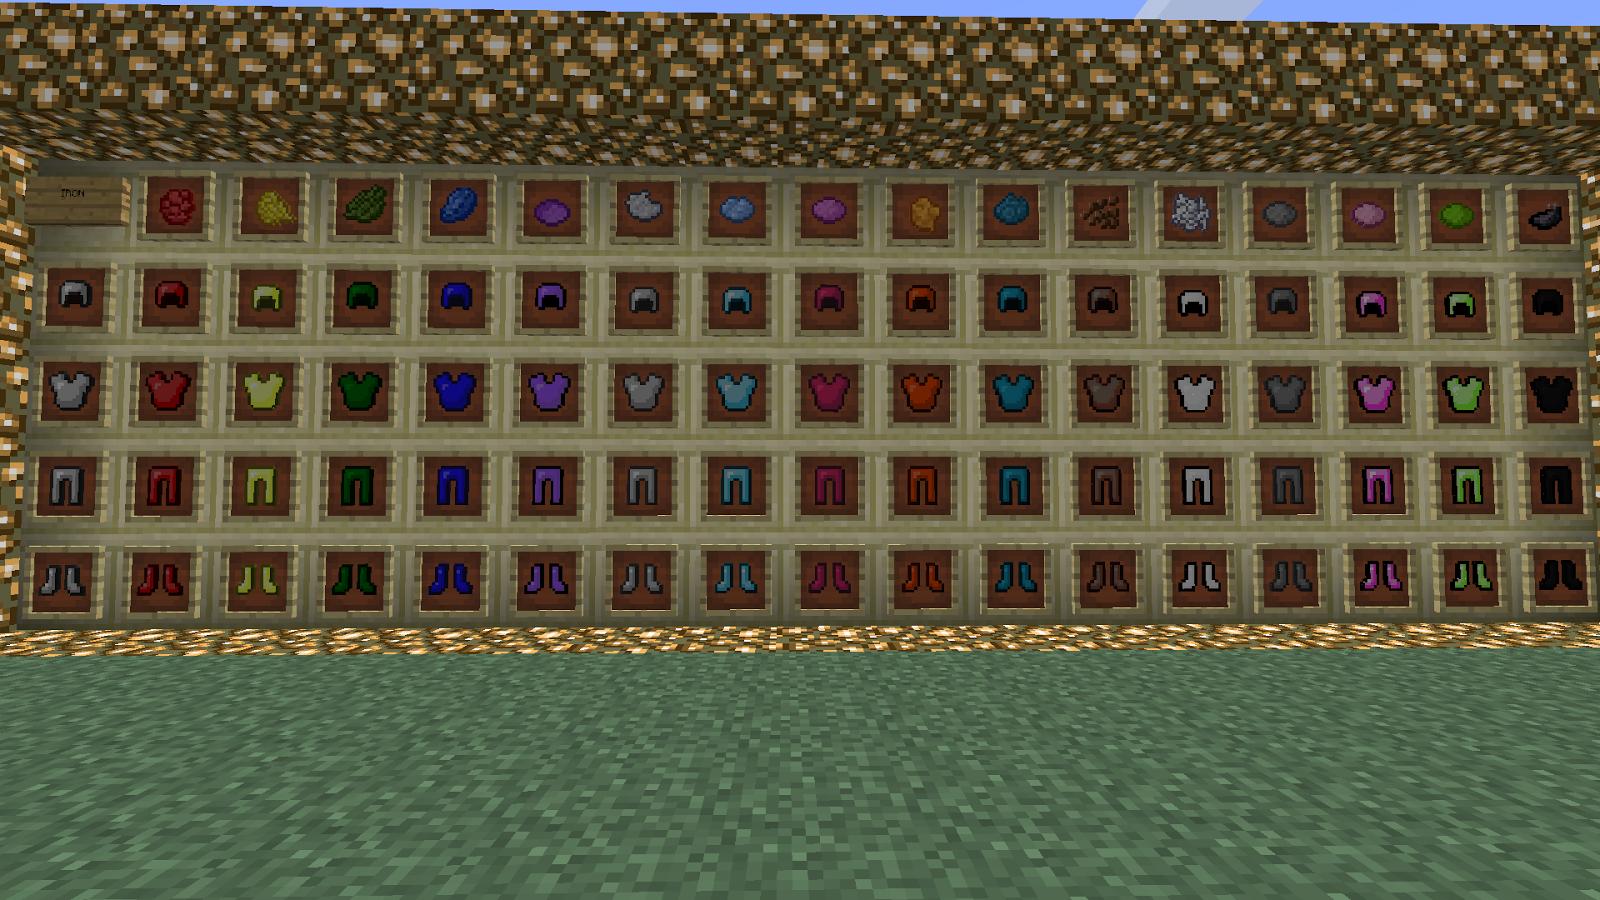 #0142CA  11.4.14 Postador: Derkino Categoria: Mod's Mod's (Minecraft 1.7.2 1600x900 px como fazer bancada de trabalho no minecraft @ bernauer.info Móveis Antigos Novos E Usados Online